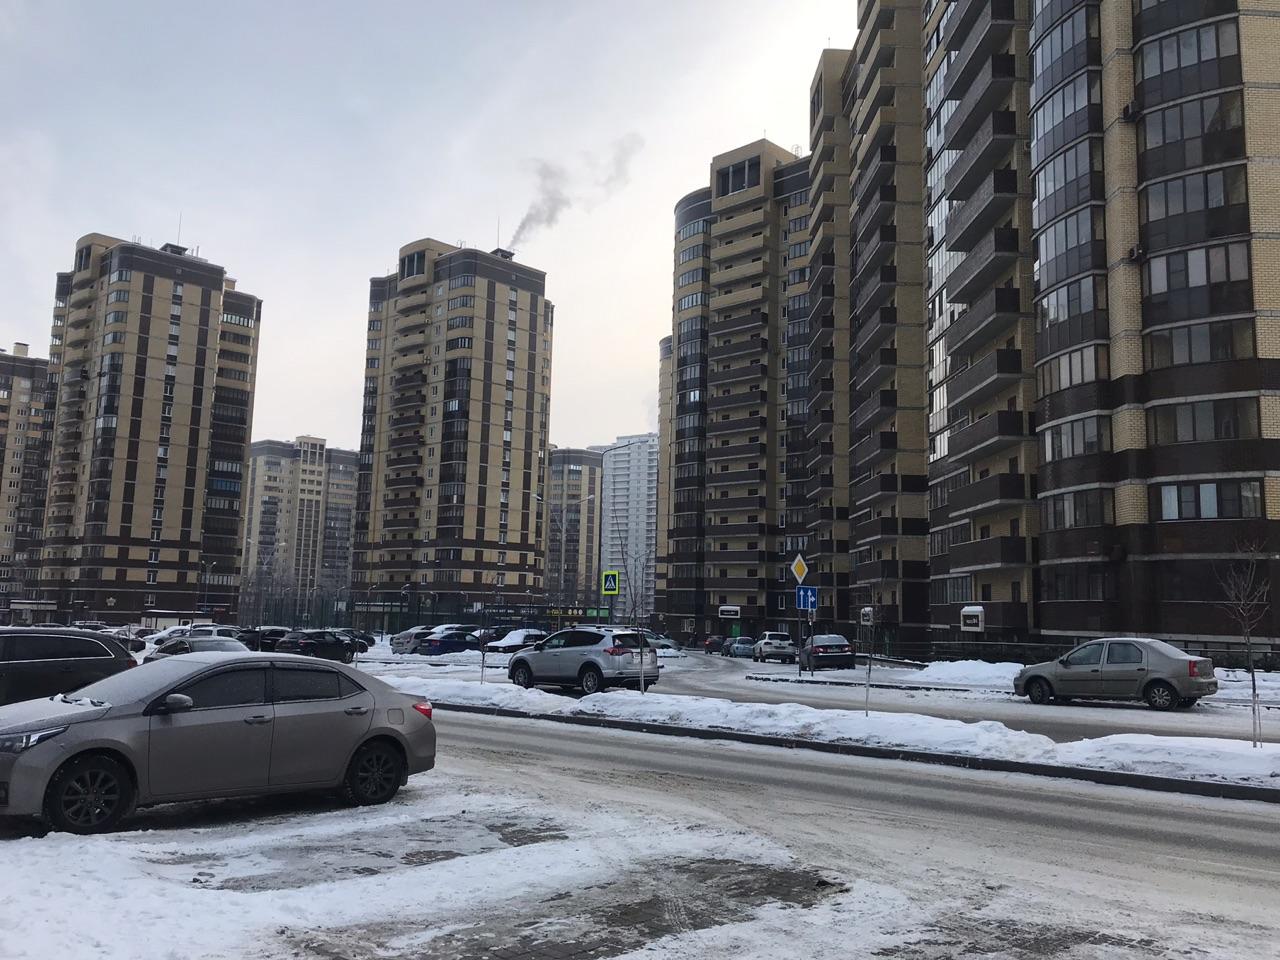 Число ДДУ в Нижегородской области в ноябре 2020 увеличилось более чем в два раза - фото 1